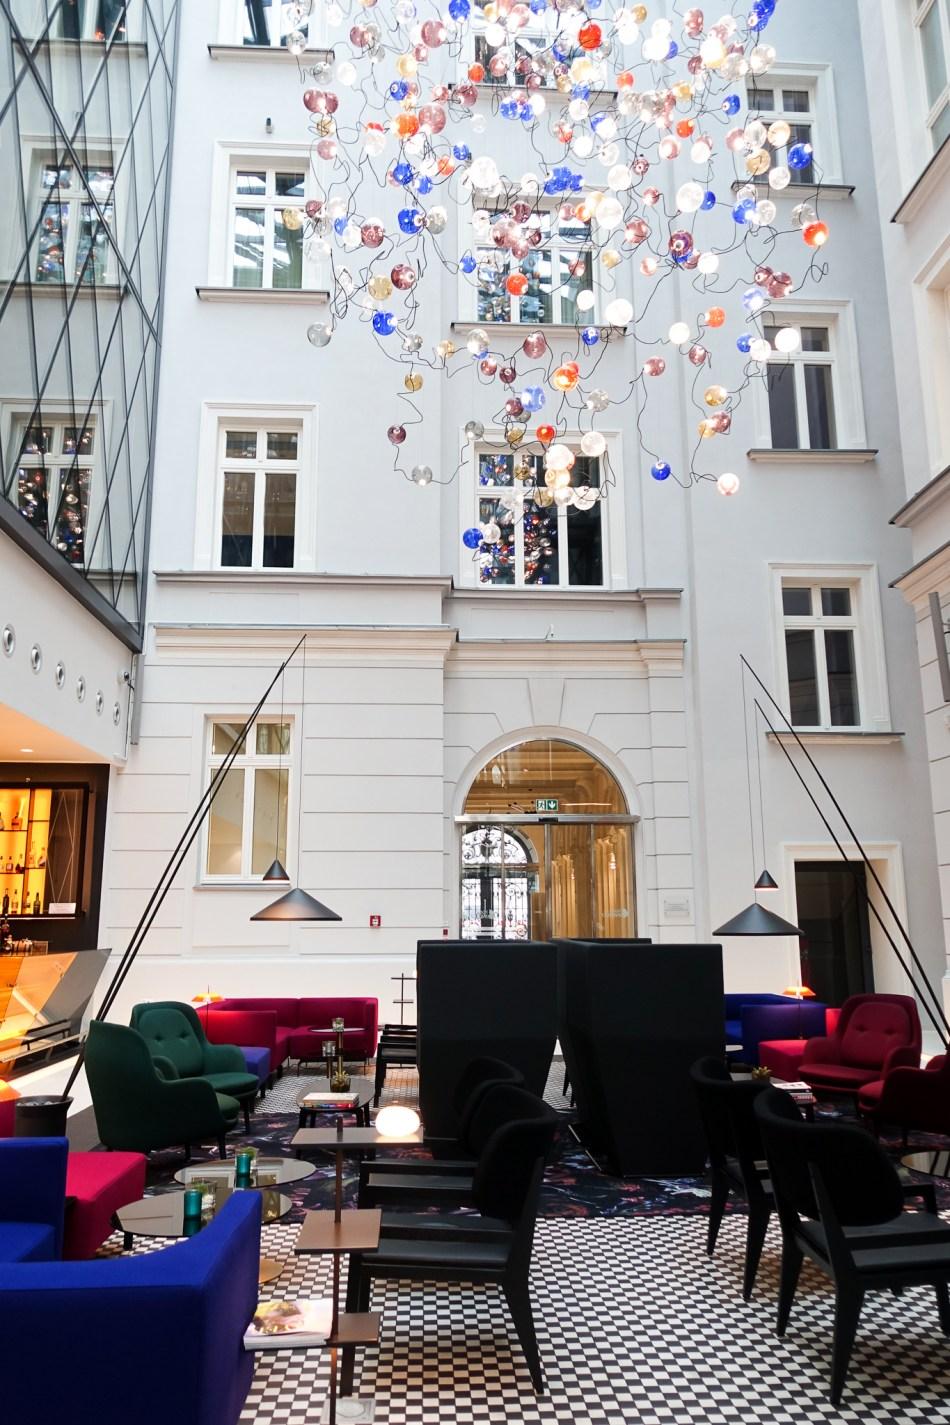 Hotel Indigo Warsaw Nowy Świat, Indigo Warszawa - designerski hotel w centrum Warszawy